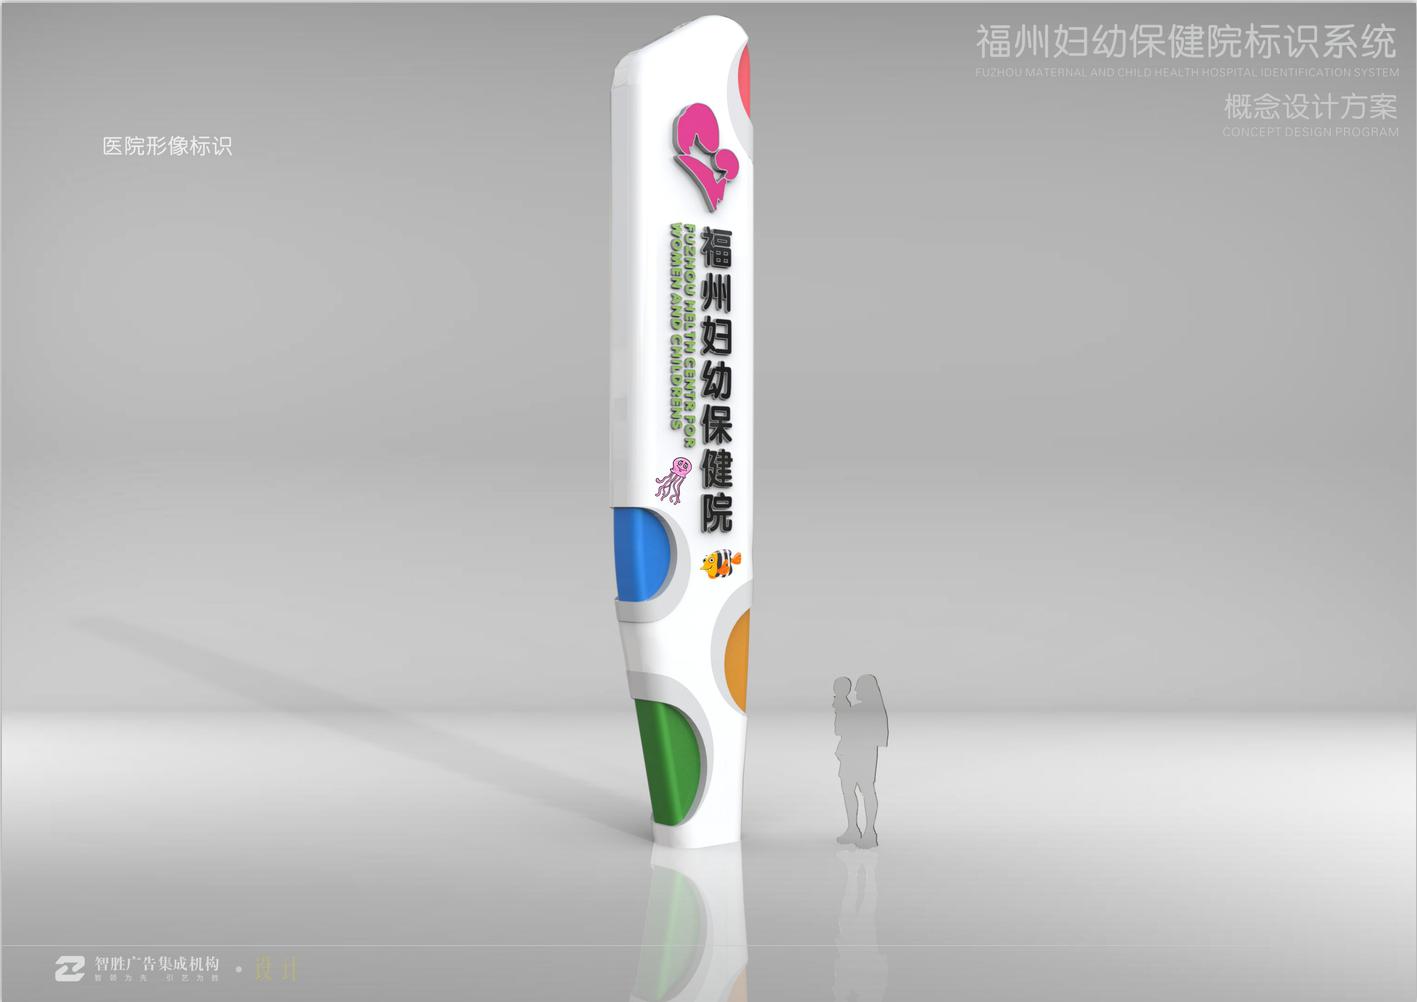 福州婦幼保健院標識系統設計